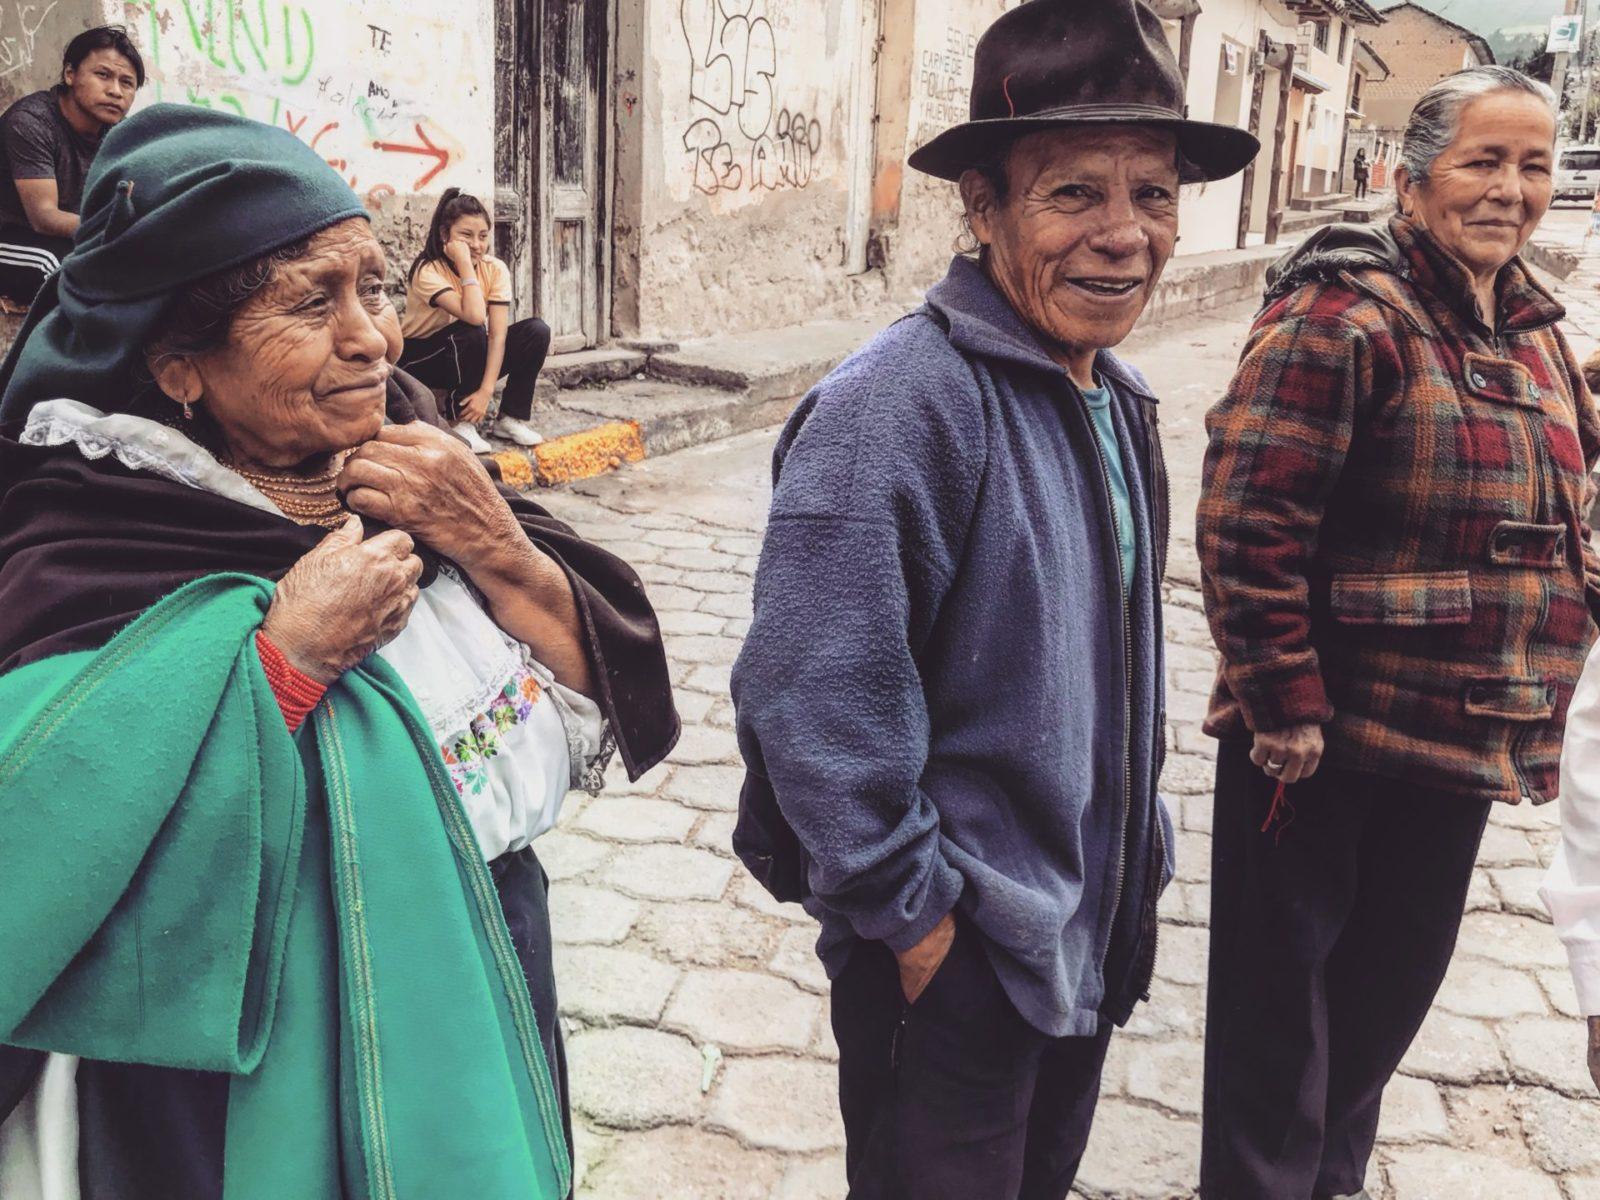 Ekwador podróż z plecakiem